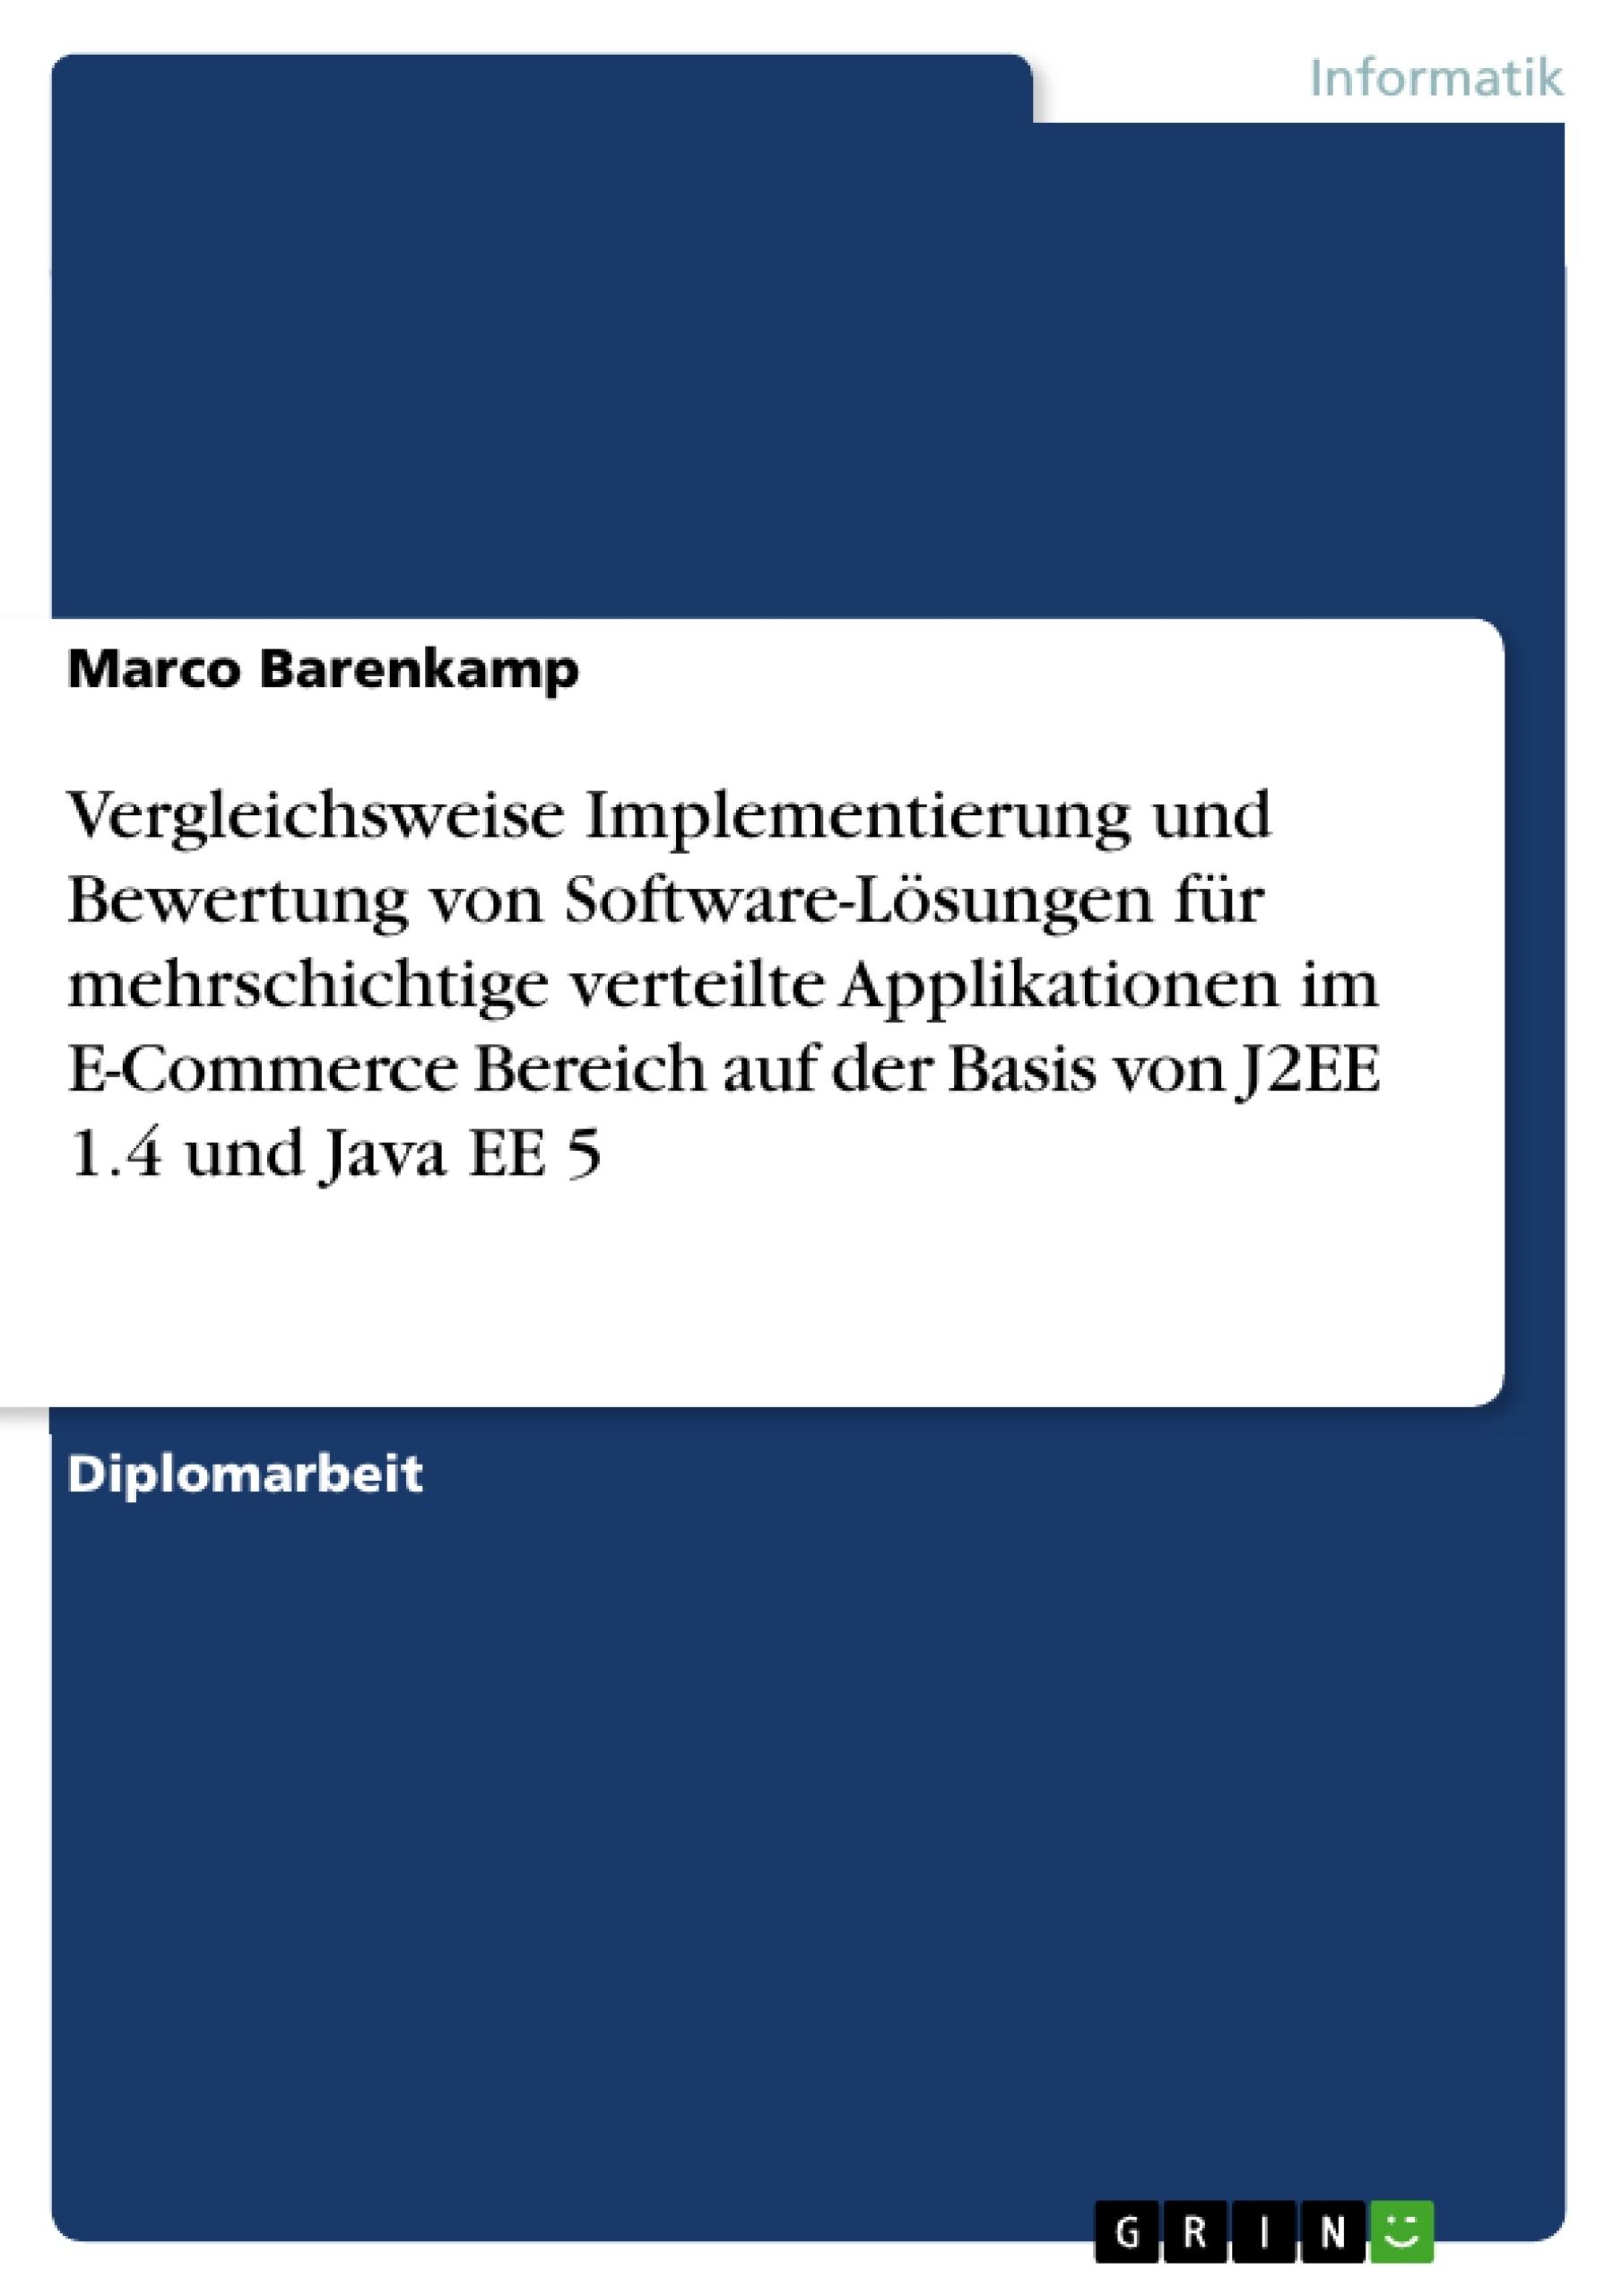 Titel: Vergleichsweise Implementierung und Bewertung von Software-Lösungen für mehrschichtige verteilte Applikationen im E-Commerce Bereich auf der Basis von J2EE 1.4 und Java EE 5